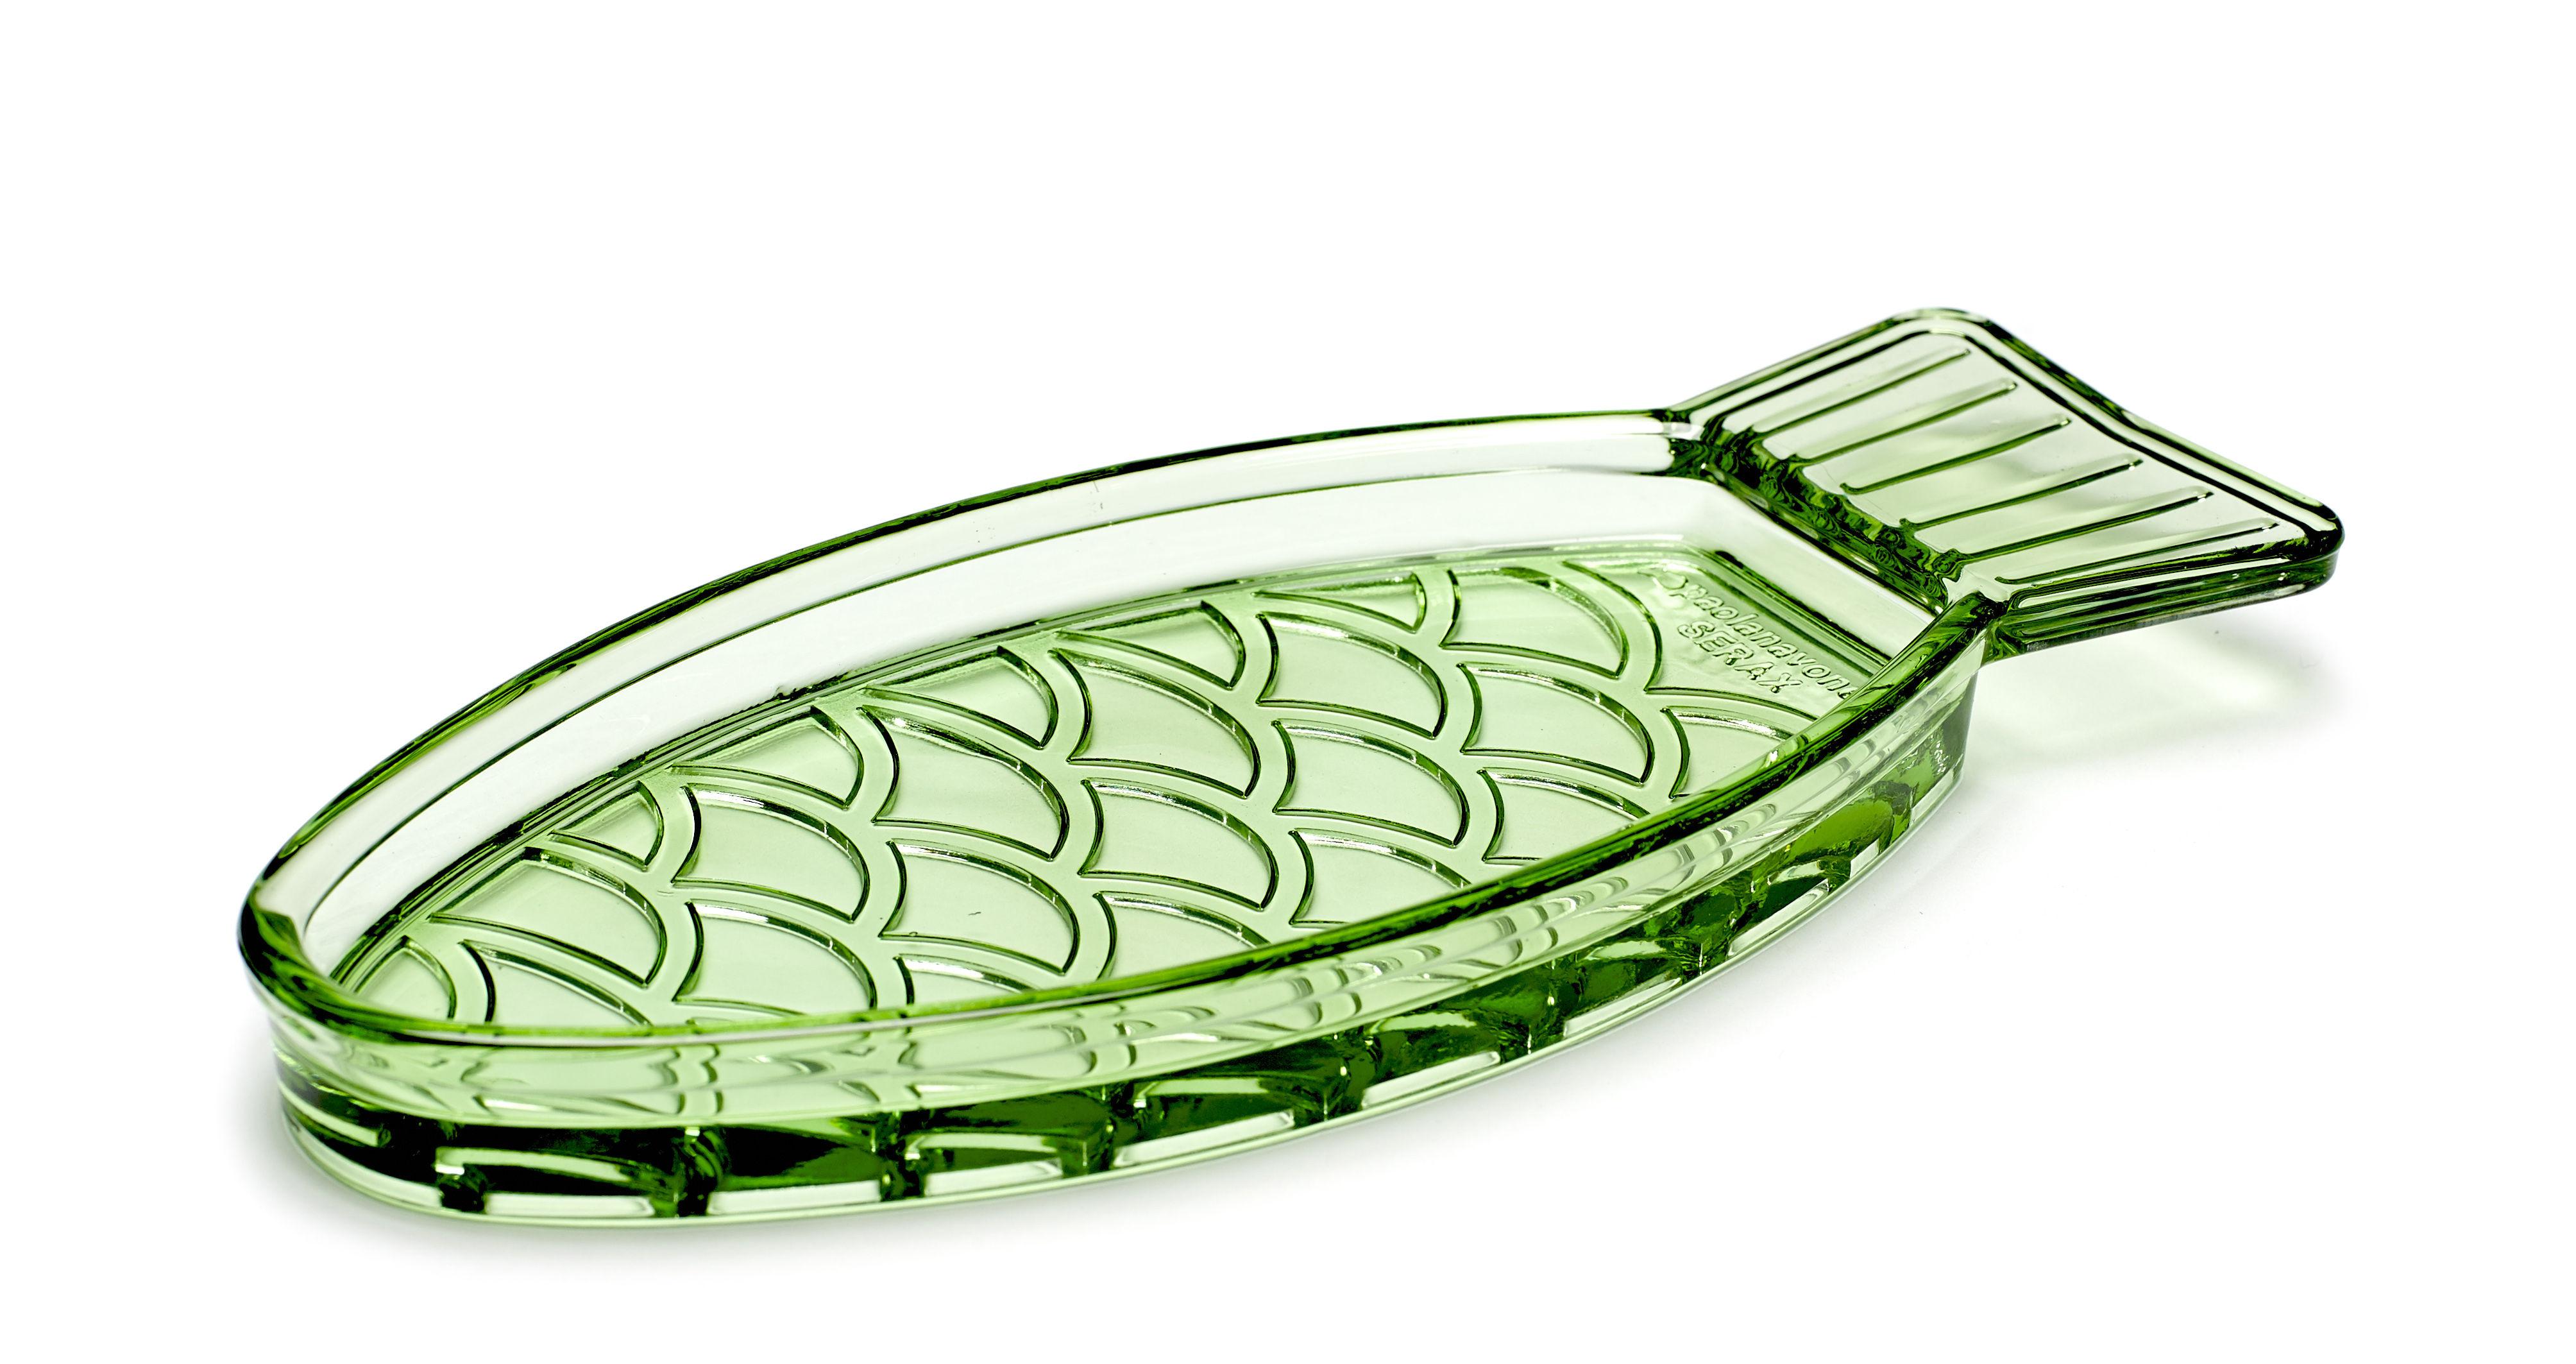 Arts de la table - Plats - Plat Fish & Fish Poisson / Small - 23 x 10 cm - Serax - Vert transparent - Verre pressé